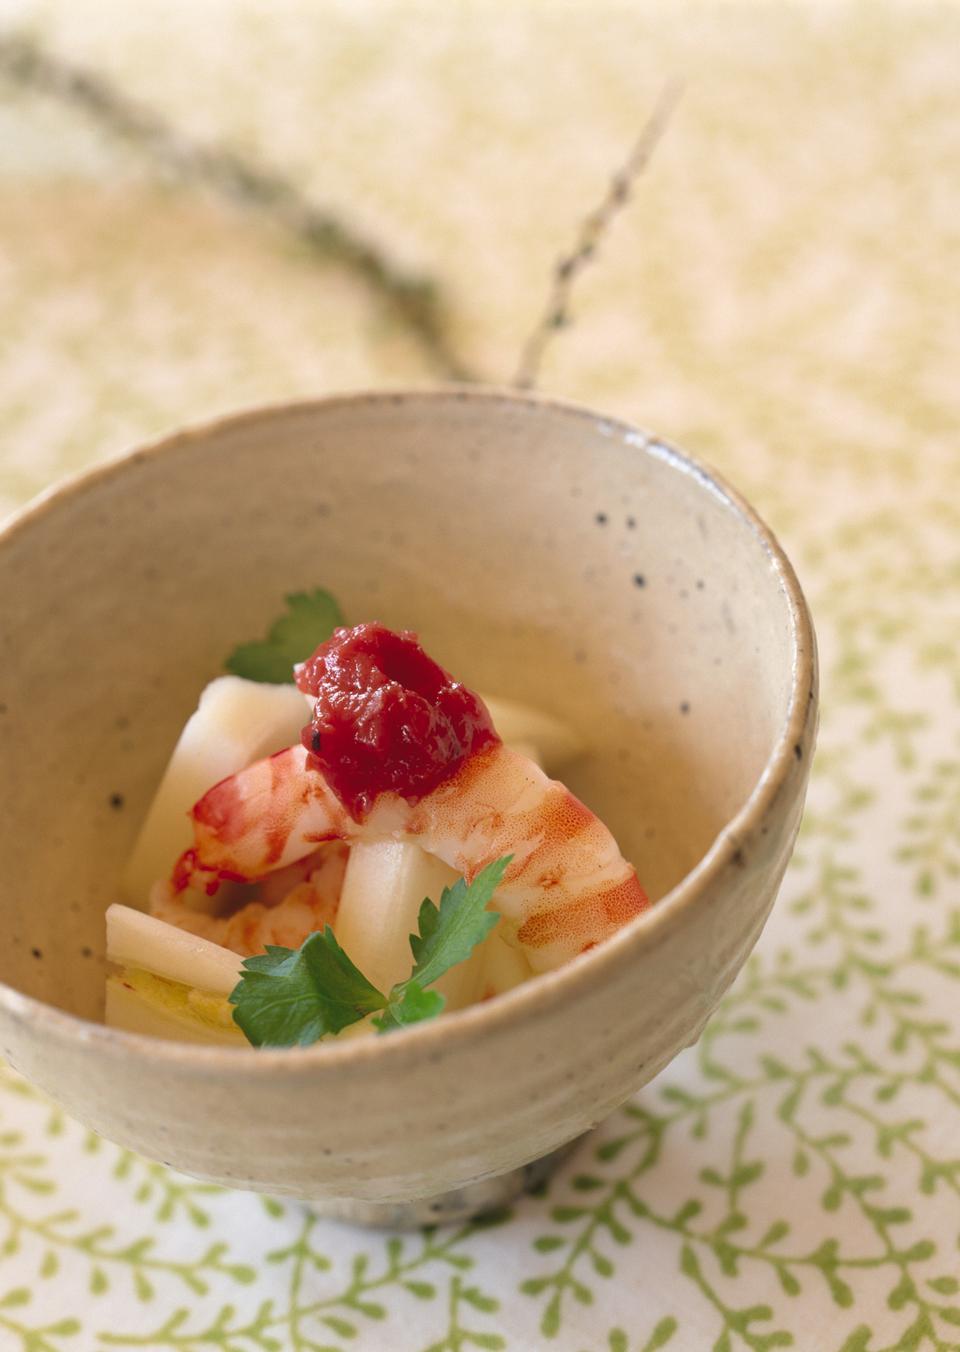 sashimi roher Fisch Meeresfrüchte Reisschüssel - japanische Küche